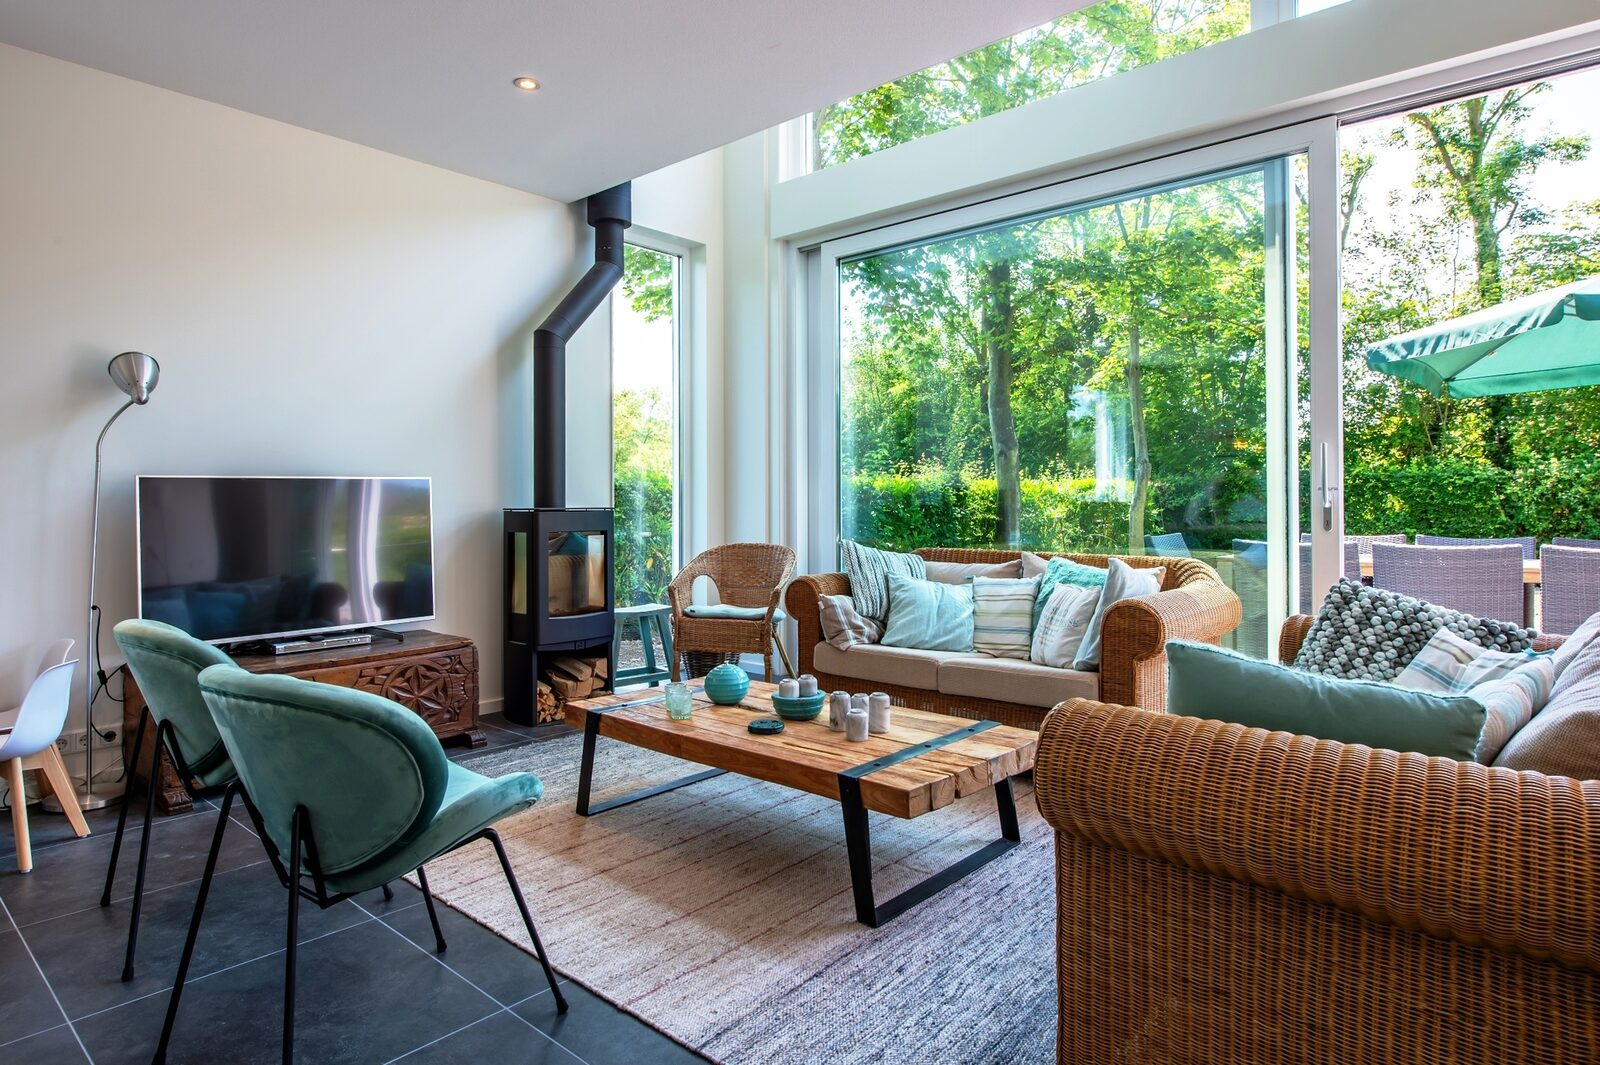 Fazantenlaan 35 - Luxe vakantievilla Zeeland